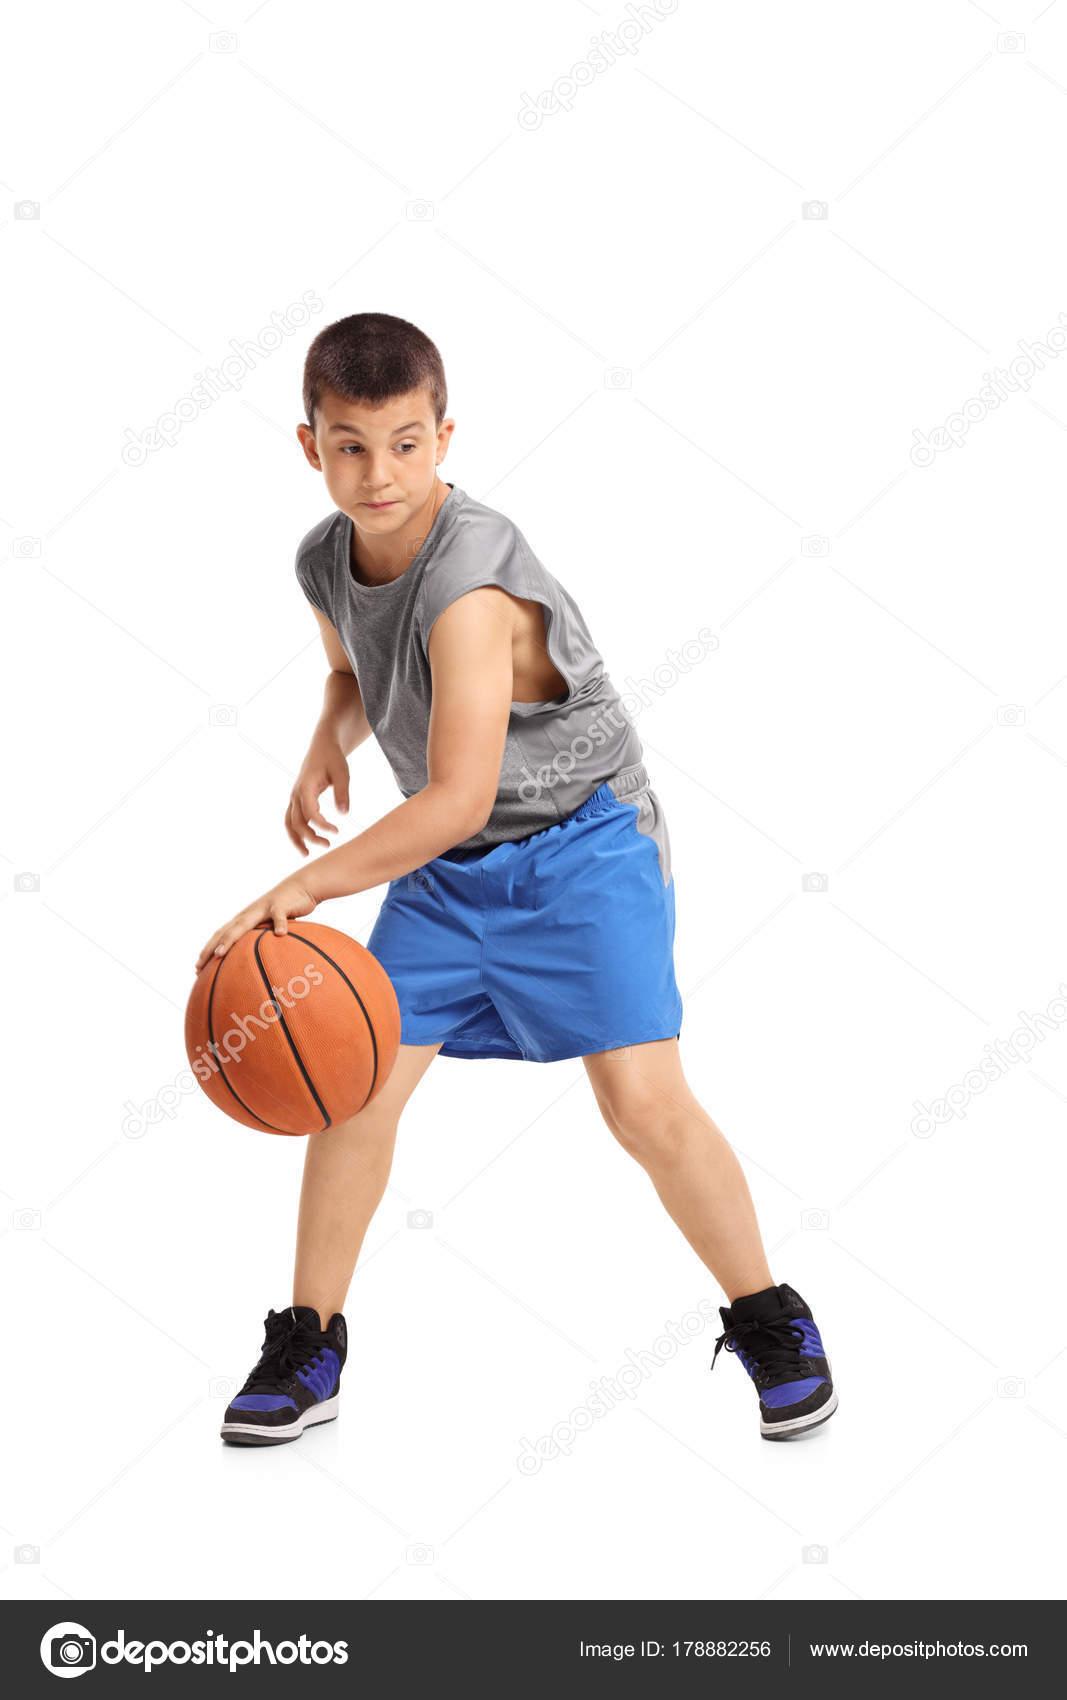 Retrato de longitud completa de niño botando con un baloncesto aislado  sobre fondo blanco - imágenes  niños botando una pelota — Foto de  ljsphotography ... a5e45559db6c2